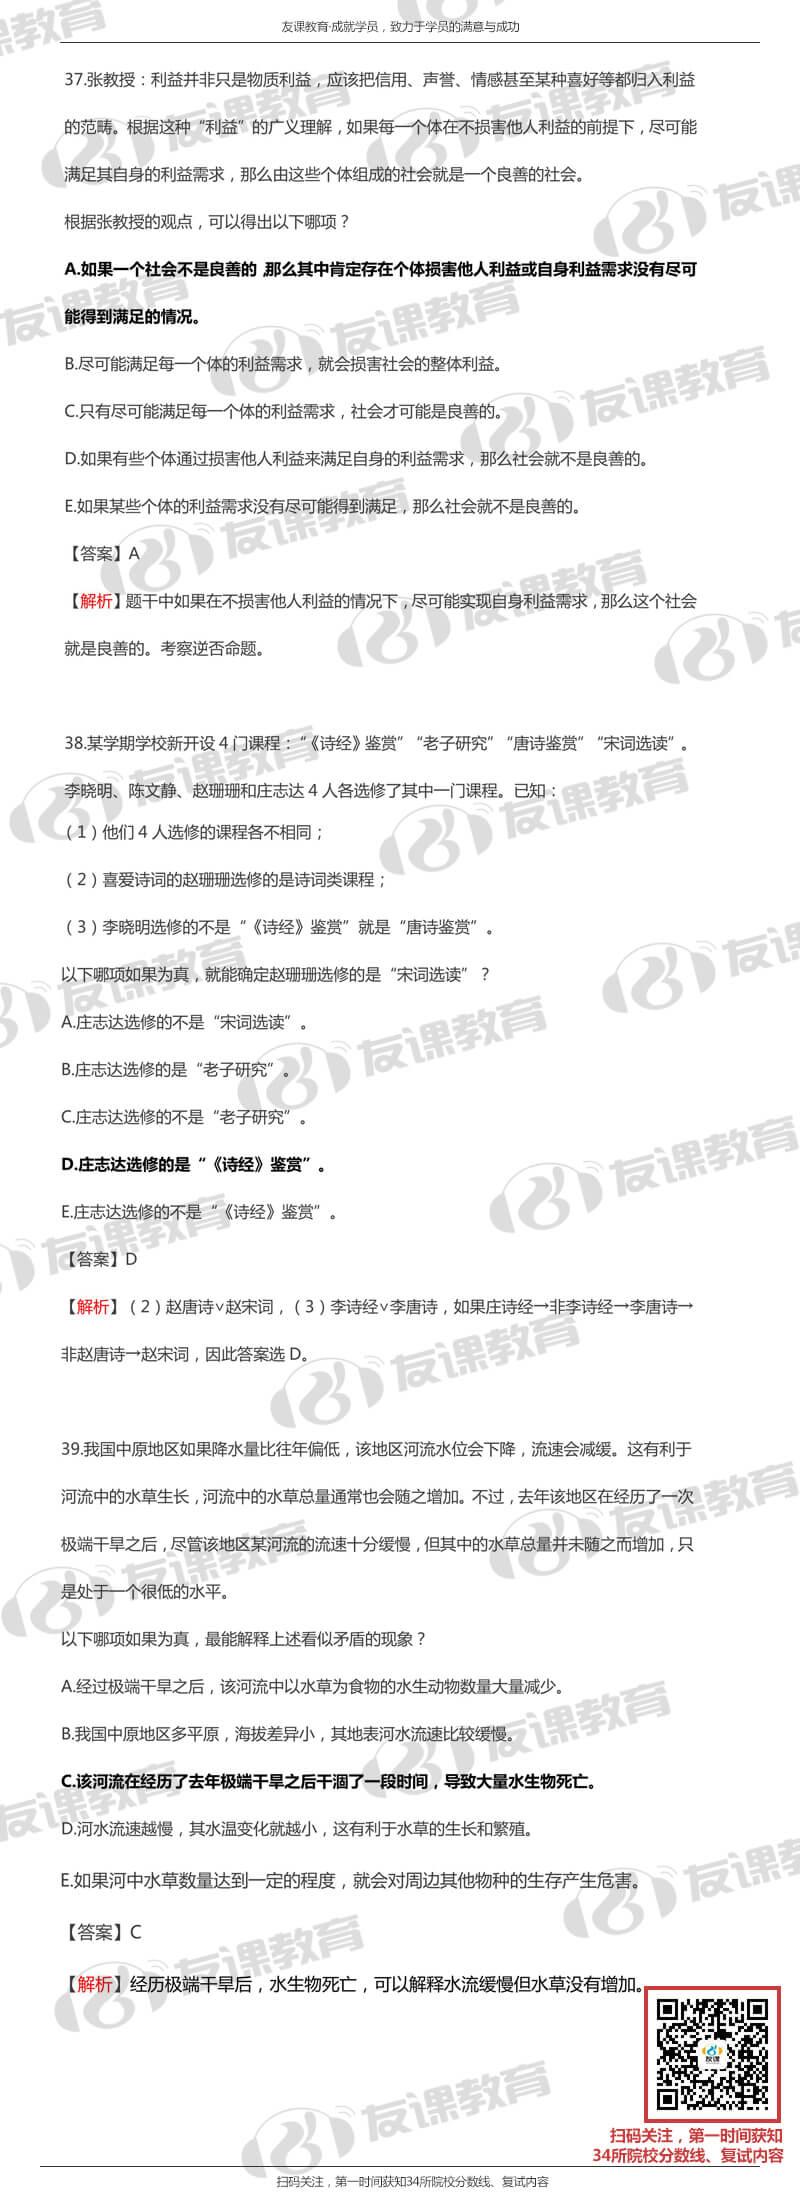 2018MBA联考逻辑真题及解析5(友课教育版).jpg